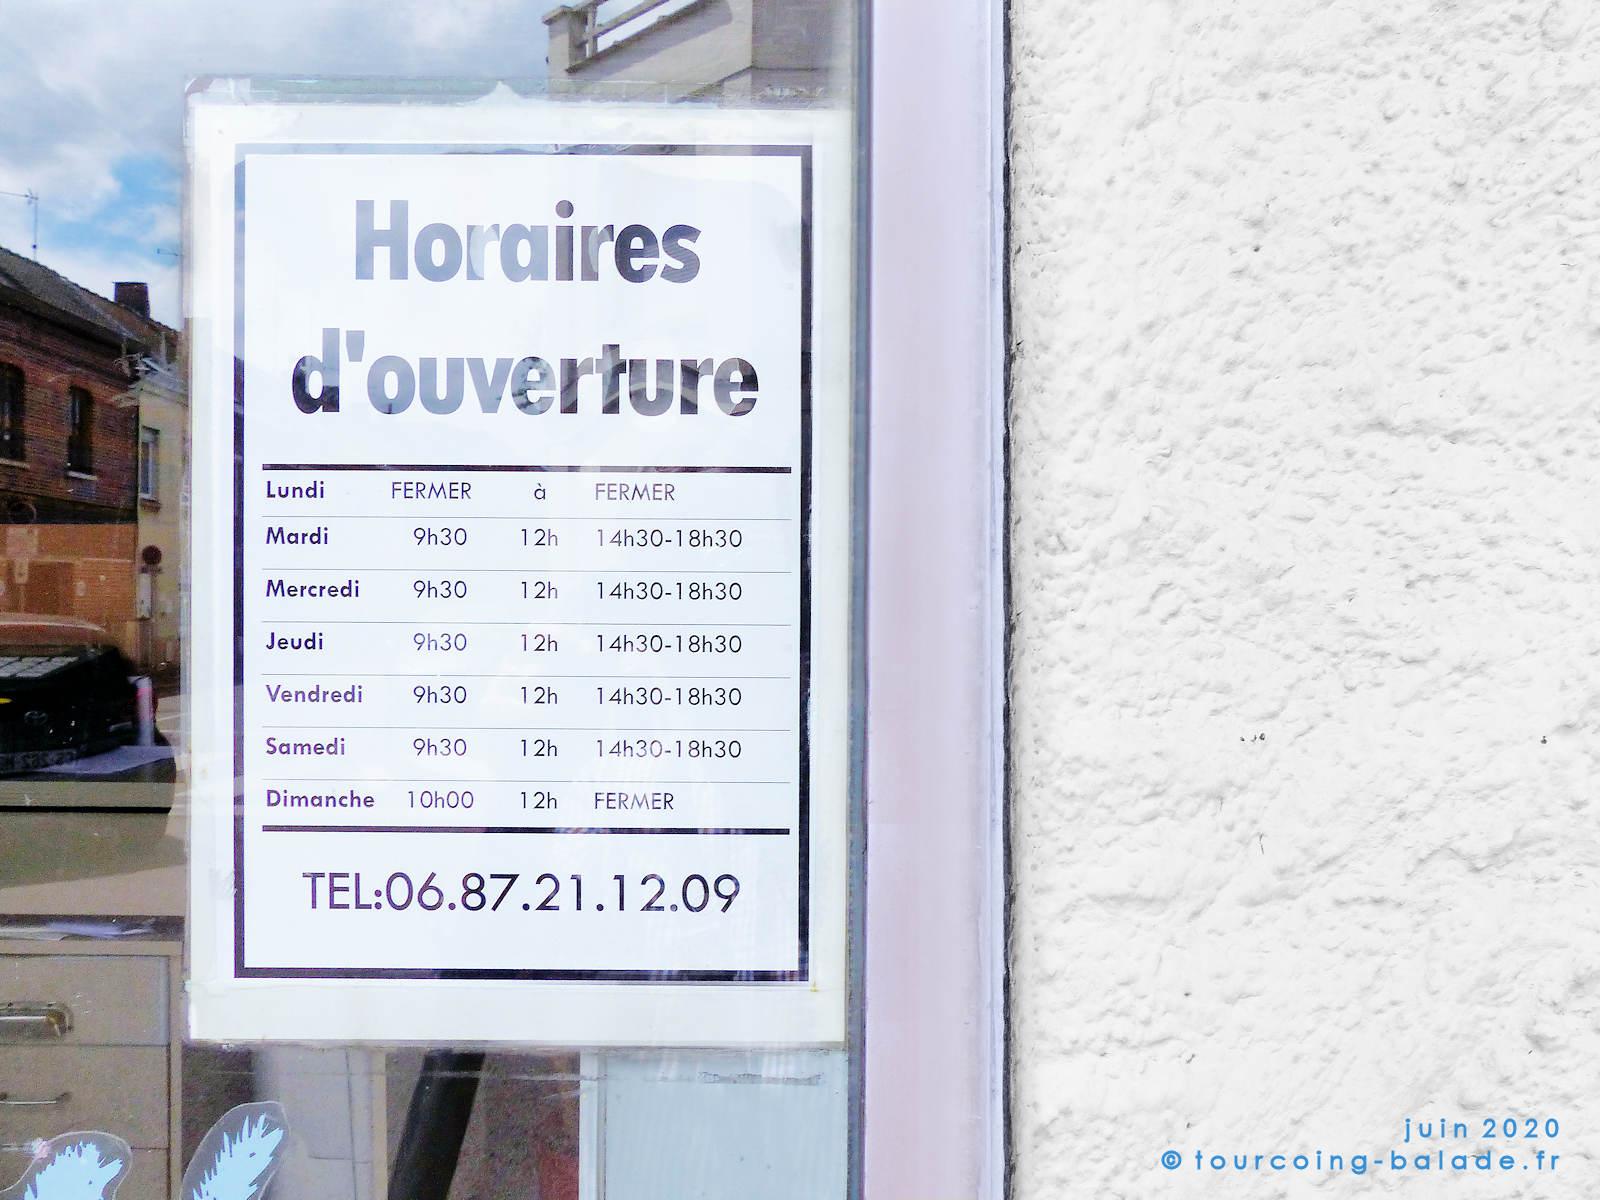 Horaires d'ouverture - Animalerie de la Croix Rouge, Tourcoing 2020